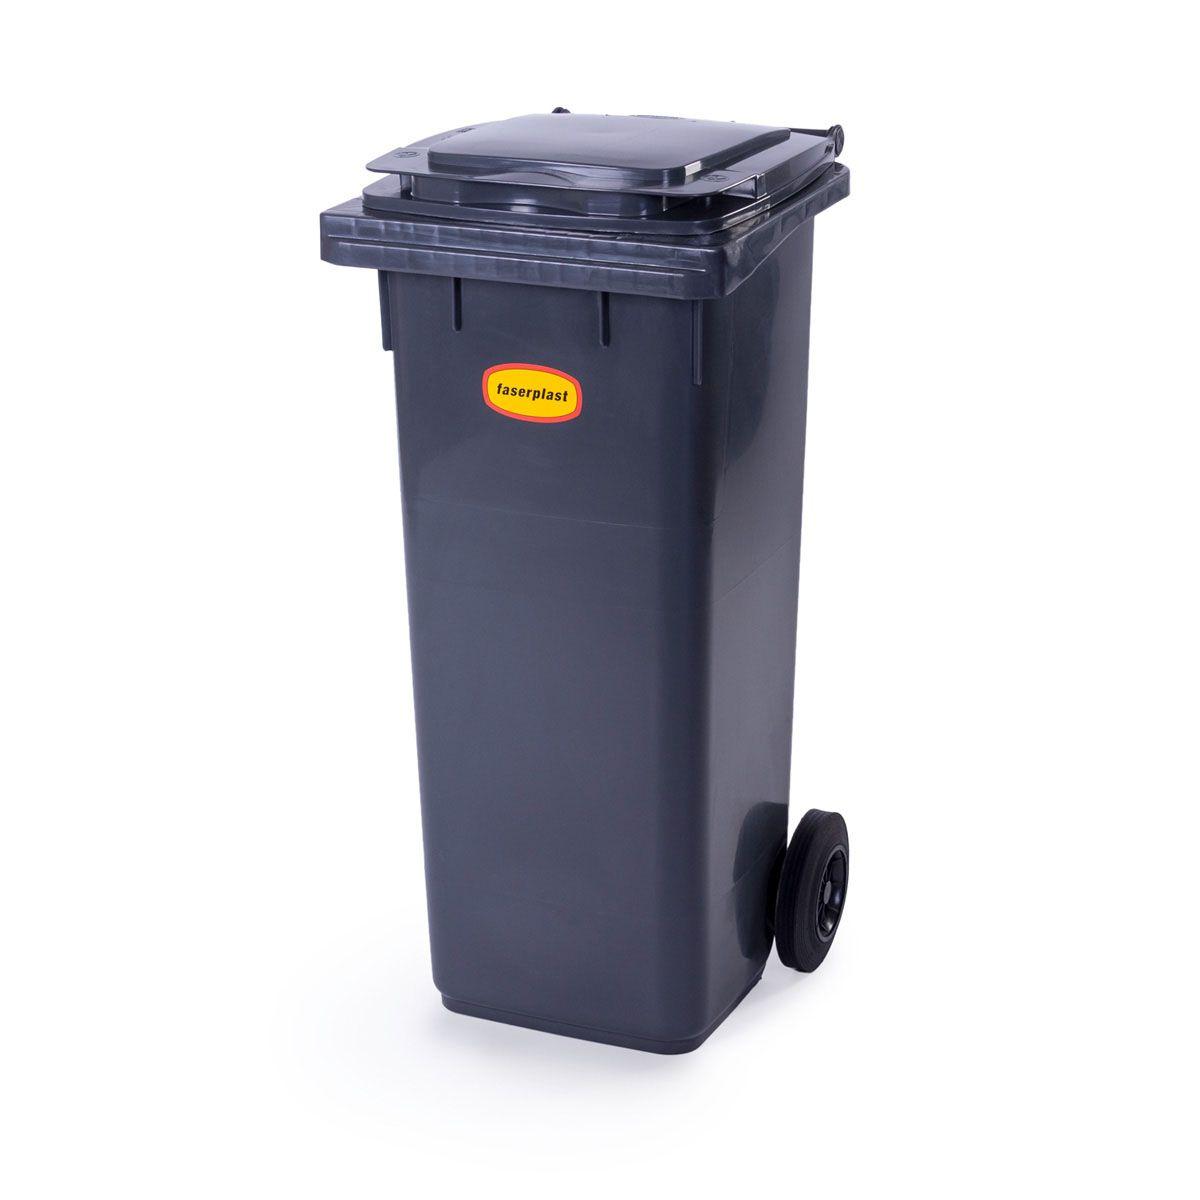 Rollabfallbehälter